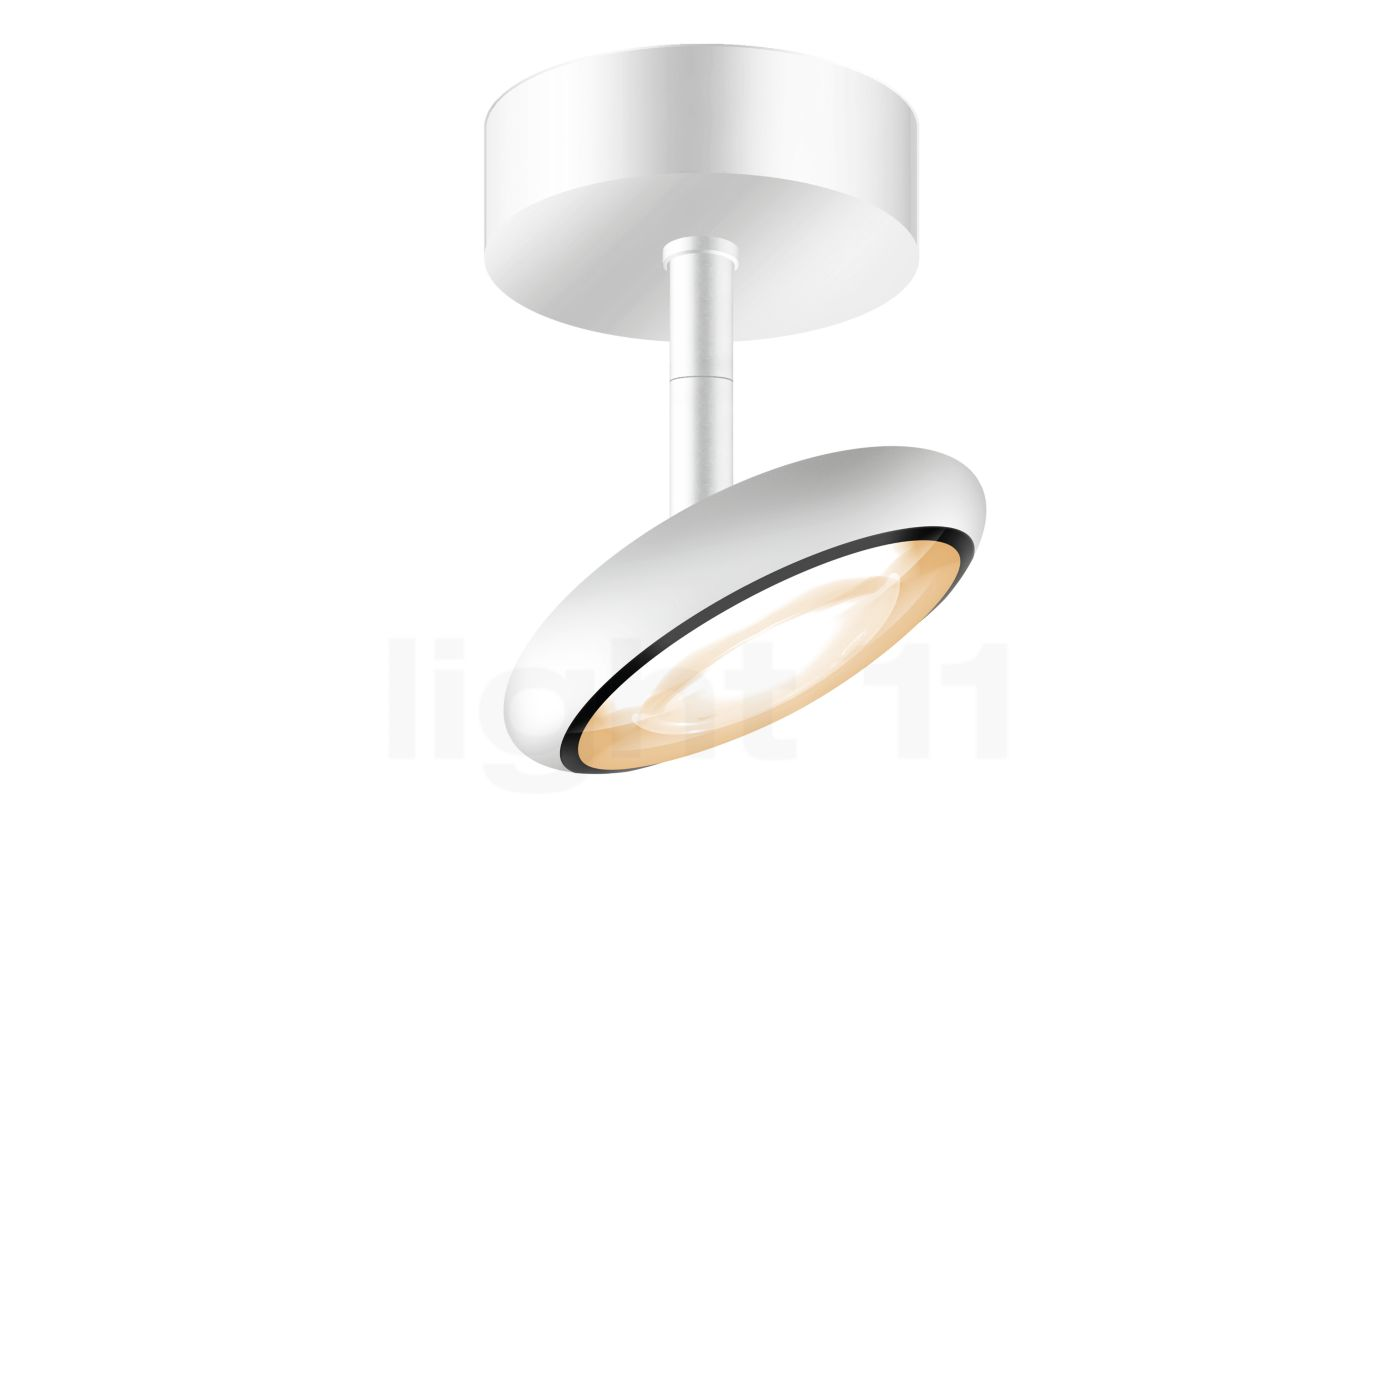 Bruck Blop Spot 60° LED kaufen bei light11.de